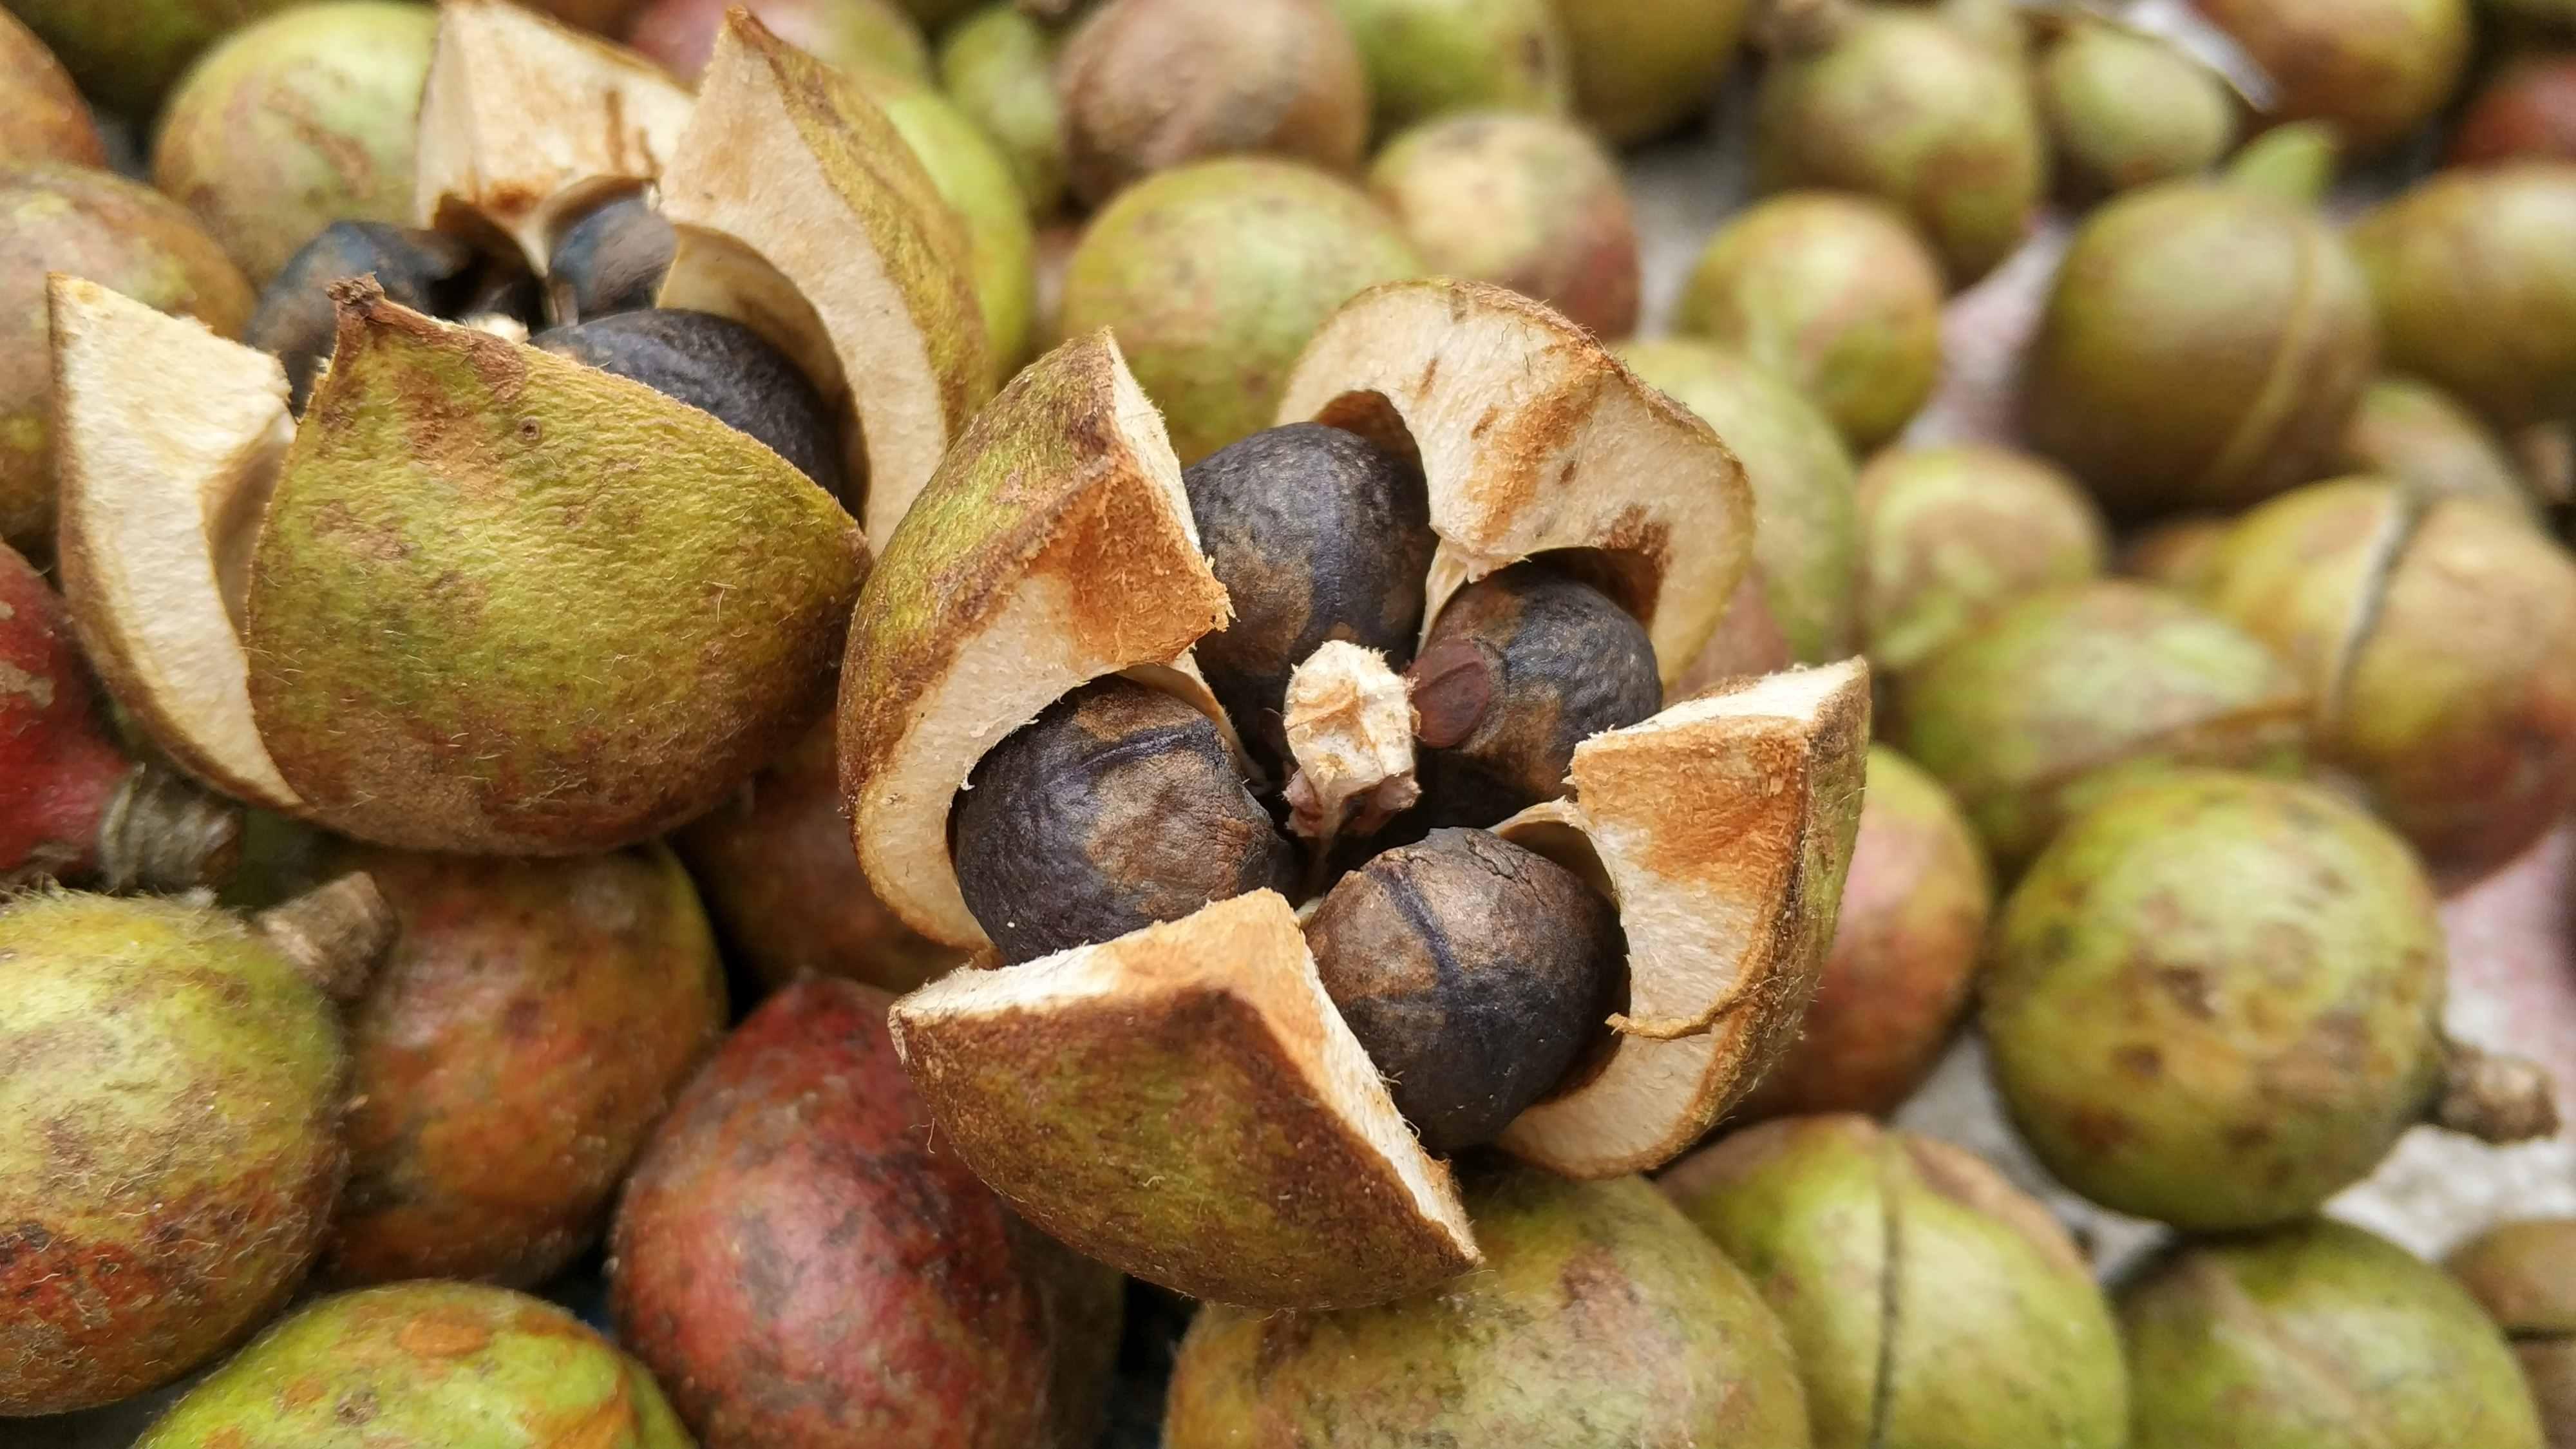 为什么山里人很少吃茶籽油?你猜一斤干茶籽能换多少斤菜籽油?